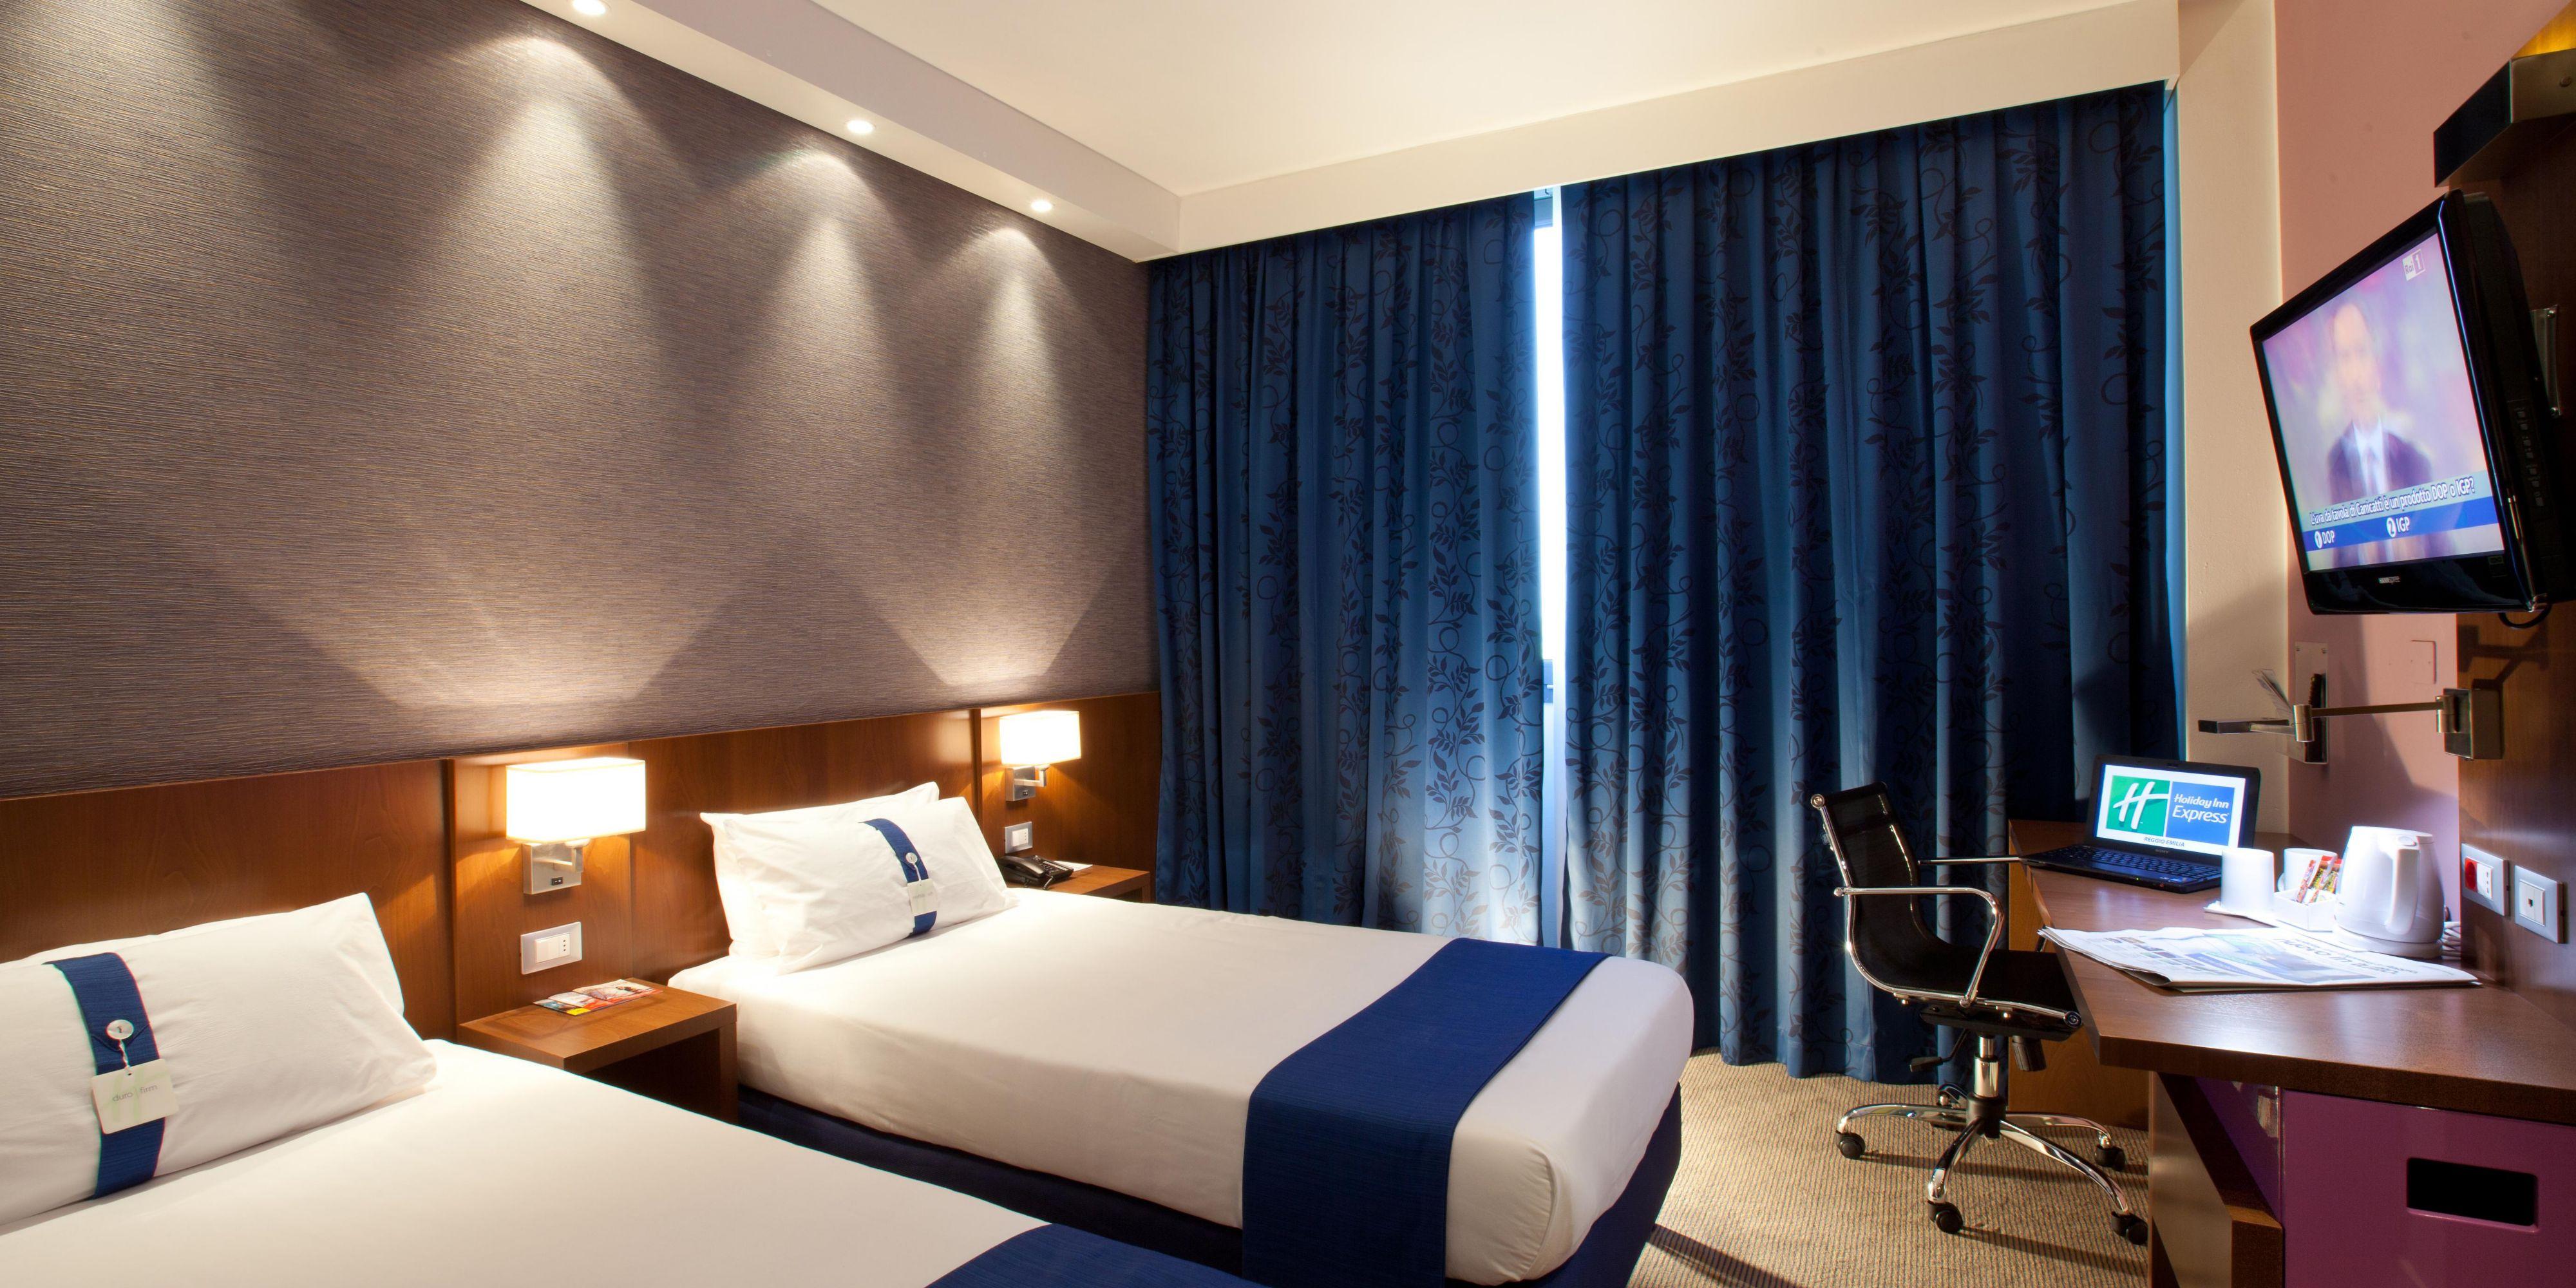 Holiday Inn Express Reggio Emilia IHG Hotel